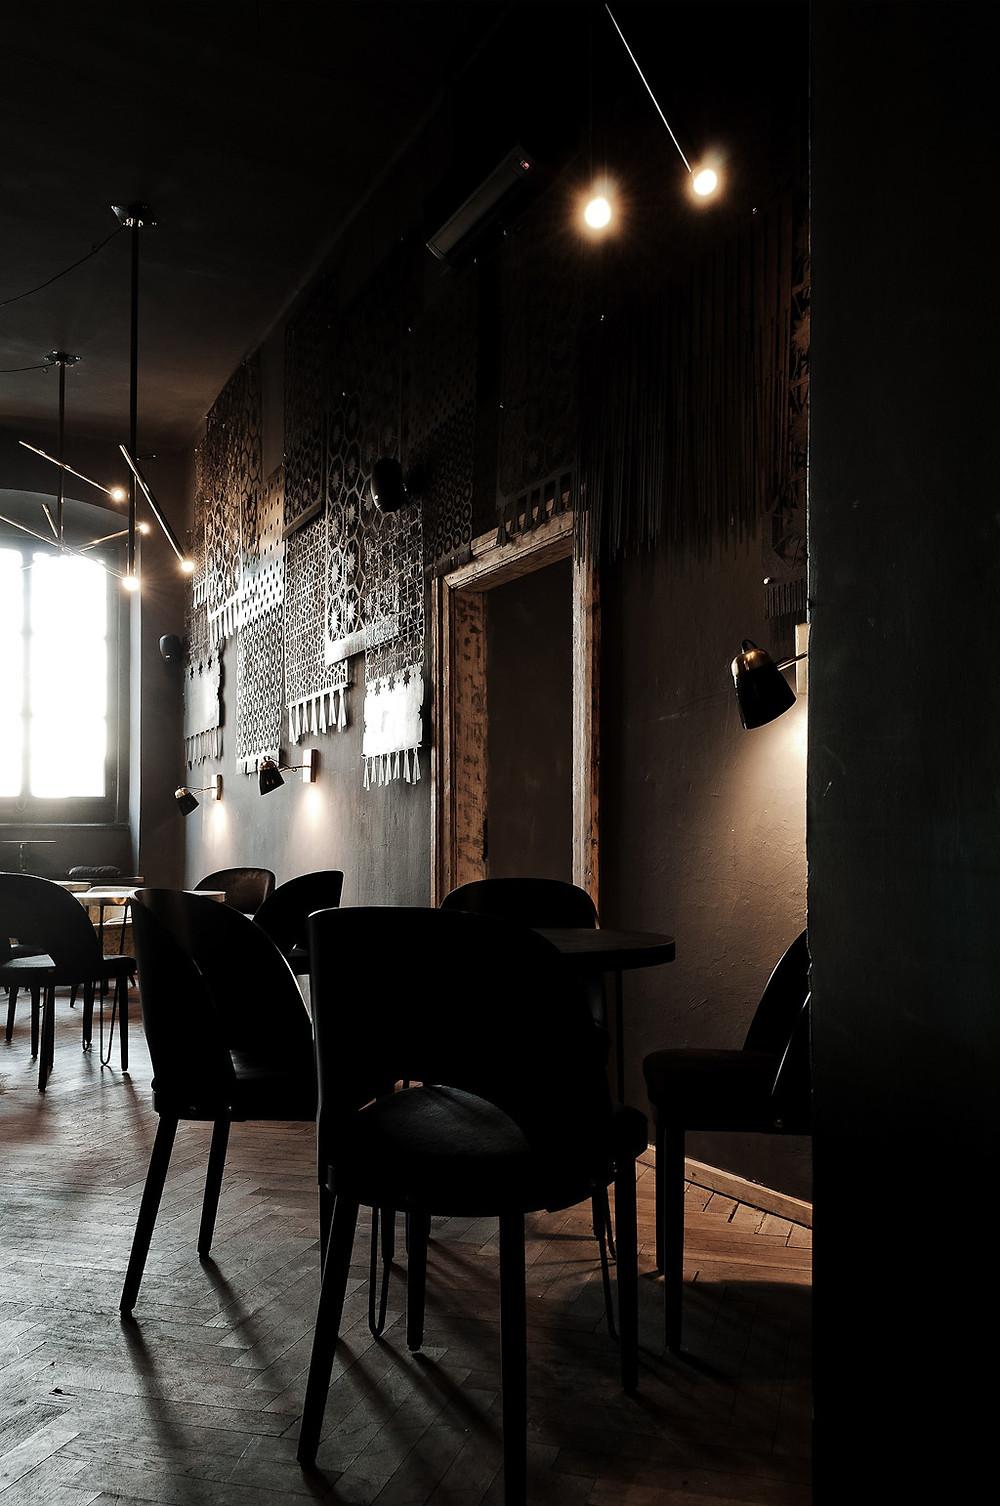 libański duch w tajemniczym koktajl barze w sercu krakowskiego Kazimierza